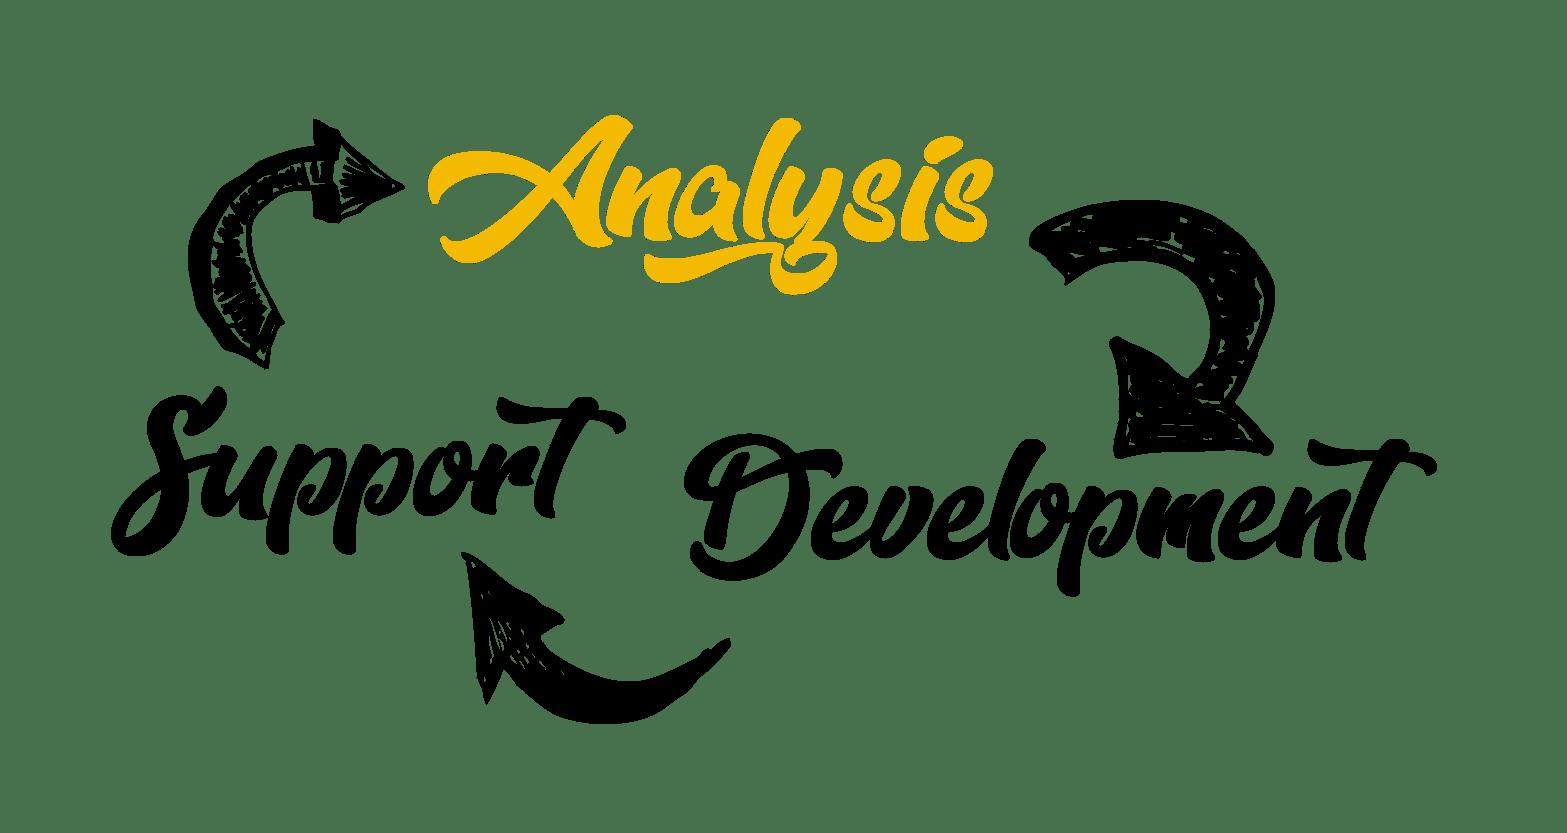 bi analysis